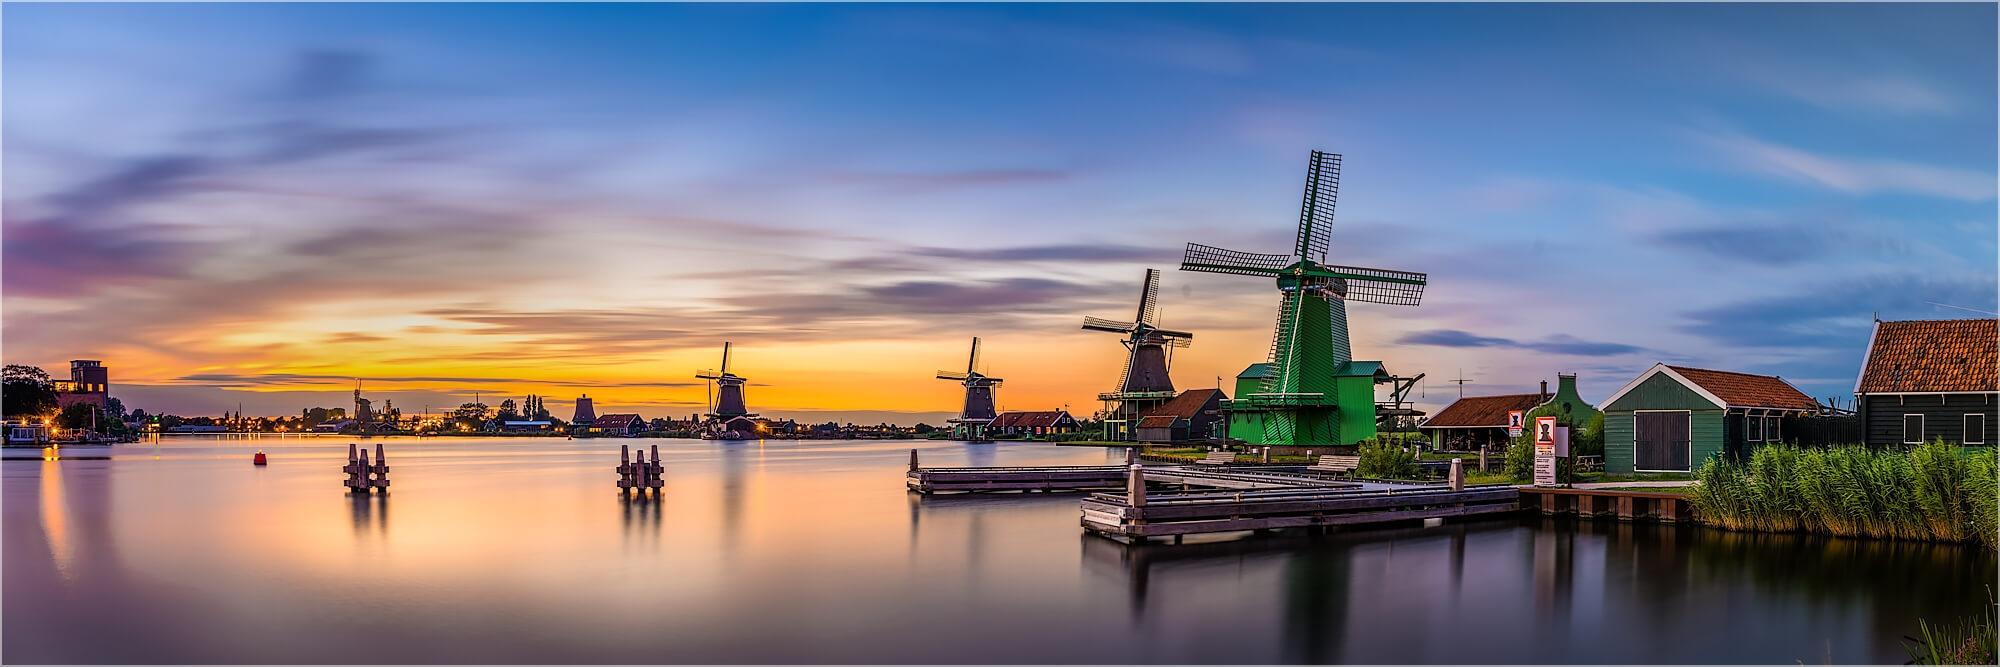 Panoramafoto Windmühlen von Zaanse Schans Holland